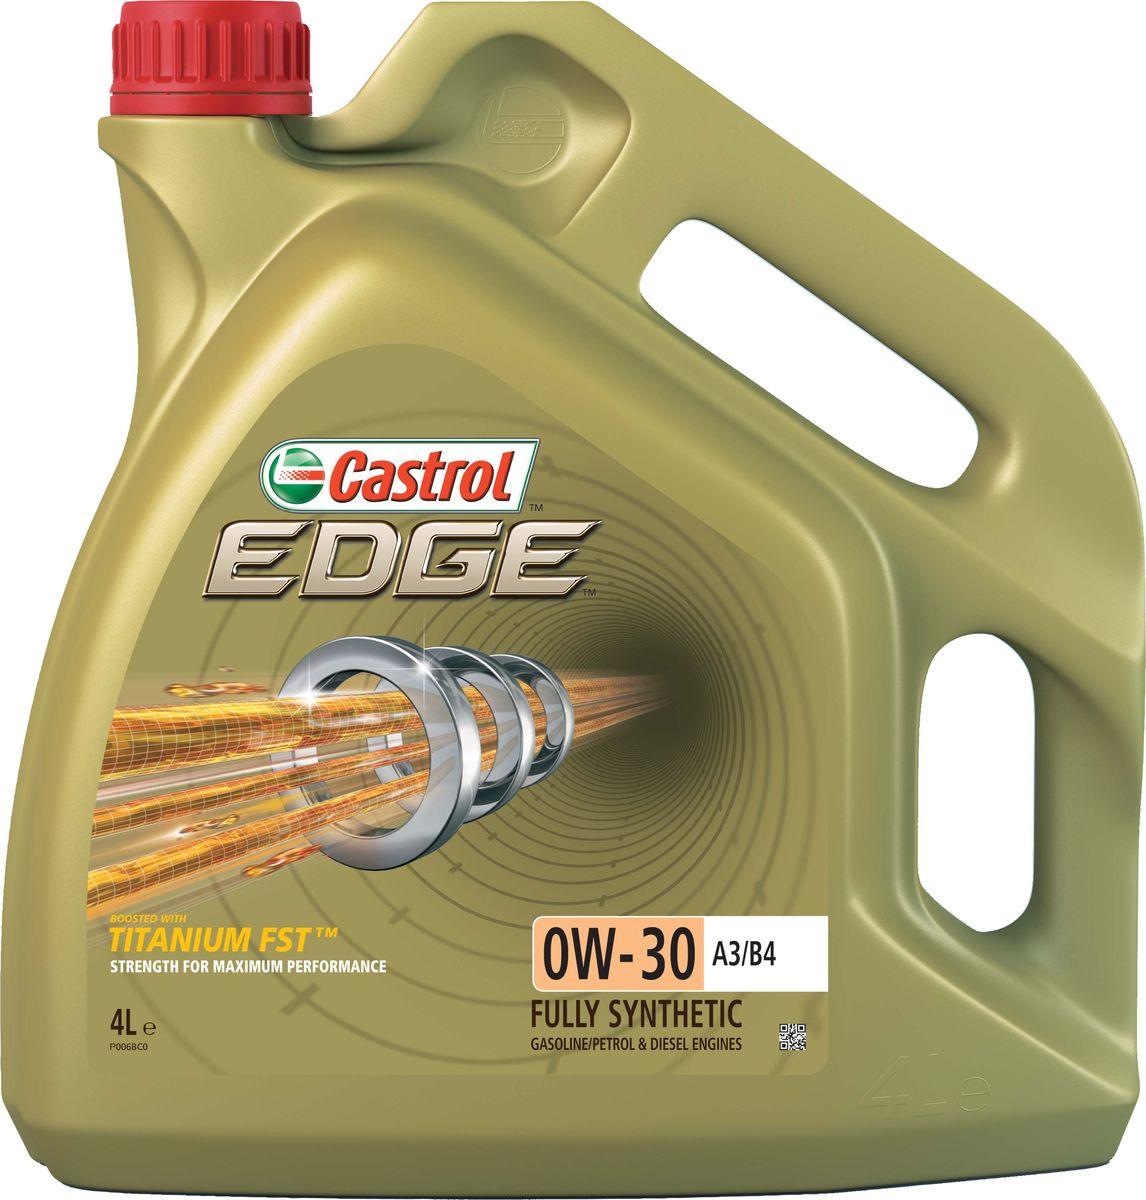 Моторное масло Castrol Edge0W-30 A3/B4, 4 л157E6BОписание Полностью синтетическое моторное масло Castrol EDGE произведено с использованием новейшей технологии TITANIUM FST™, придающей масляной пленке дополнительную силу и прочность благодаря соединениям титана. TITANIUM FST™ радикально меняет поведение масла в условиях экстремальных нагрузок, формируя дополнительный ударопоглащающий слой. Испытания подтвердили, что TITANIUM FST™ в 2 раза увеличивает прочность пленки, предотвращая ее разрыв и снижая трение для максимальной производительности двигателя. С Castrol EDGE Ваш автомобиль готов к любым испытаниям независимо от дорожных условий. Применение Castrol EDGE 0W-30 A3/B4 предназначено для бензиновых и дизельных двигателей автомобилей, где производитель рекомендует моторные масла класса вязкости SAE 0W-30 спецификаций ACEA A3/B3, A3/B4, API SL/CF или более ранних. Castrol EDGE 0W-30 A3/B4 одобрено к применению ведущими производителями техники (см. раздел спецификаций и руководство по эксплуатации автомобиля). Преимущества Castrol...